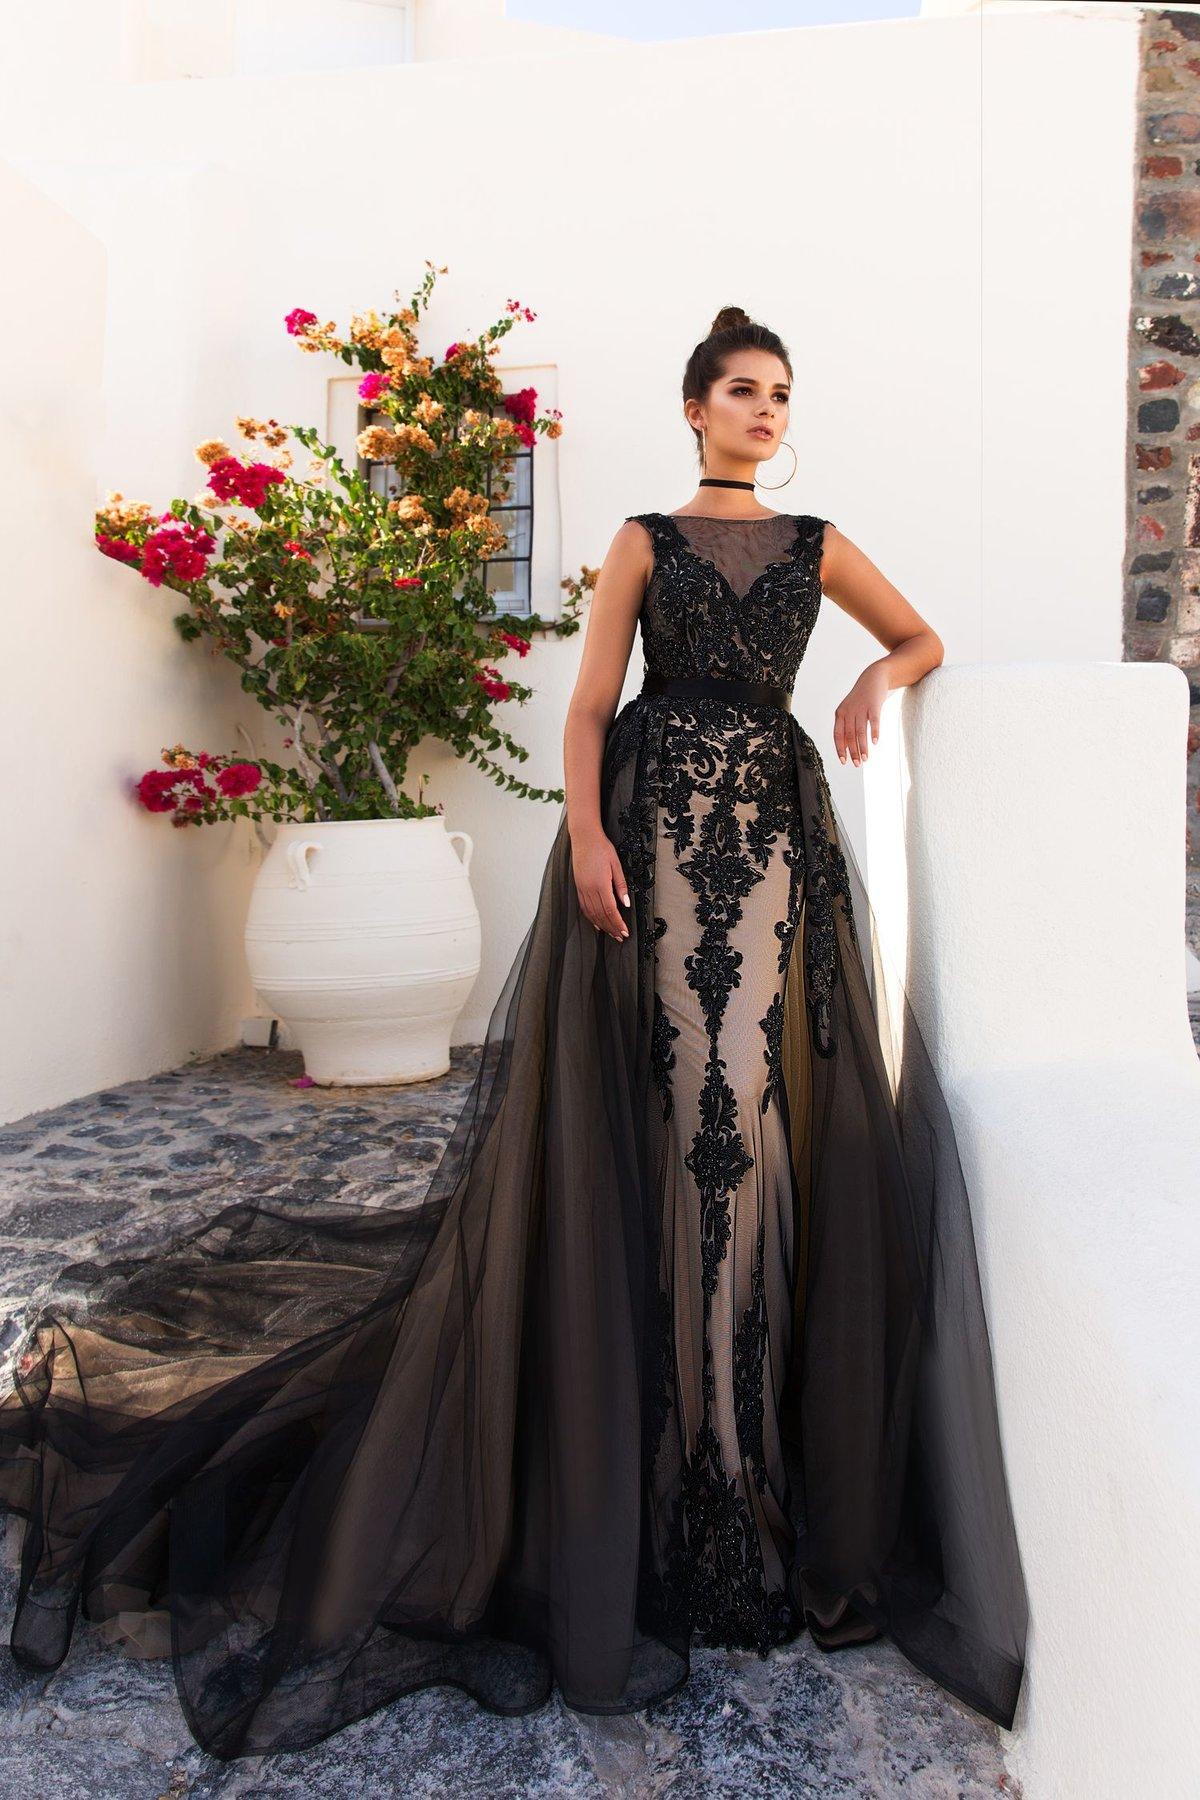 Шикарное вечернее платье светло» — карточка пользователя Саид ... 8fc724797d9